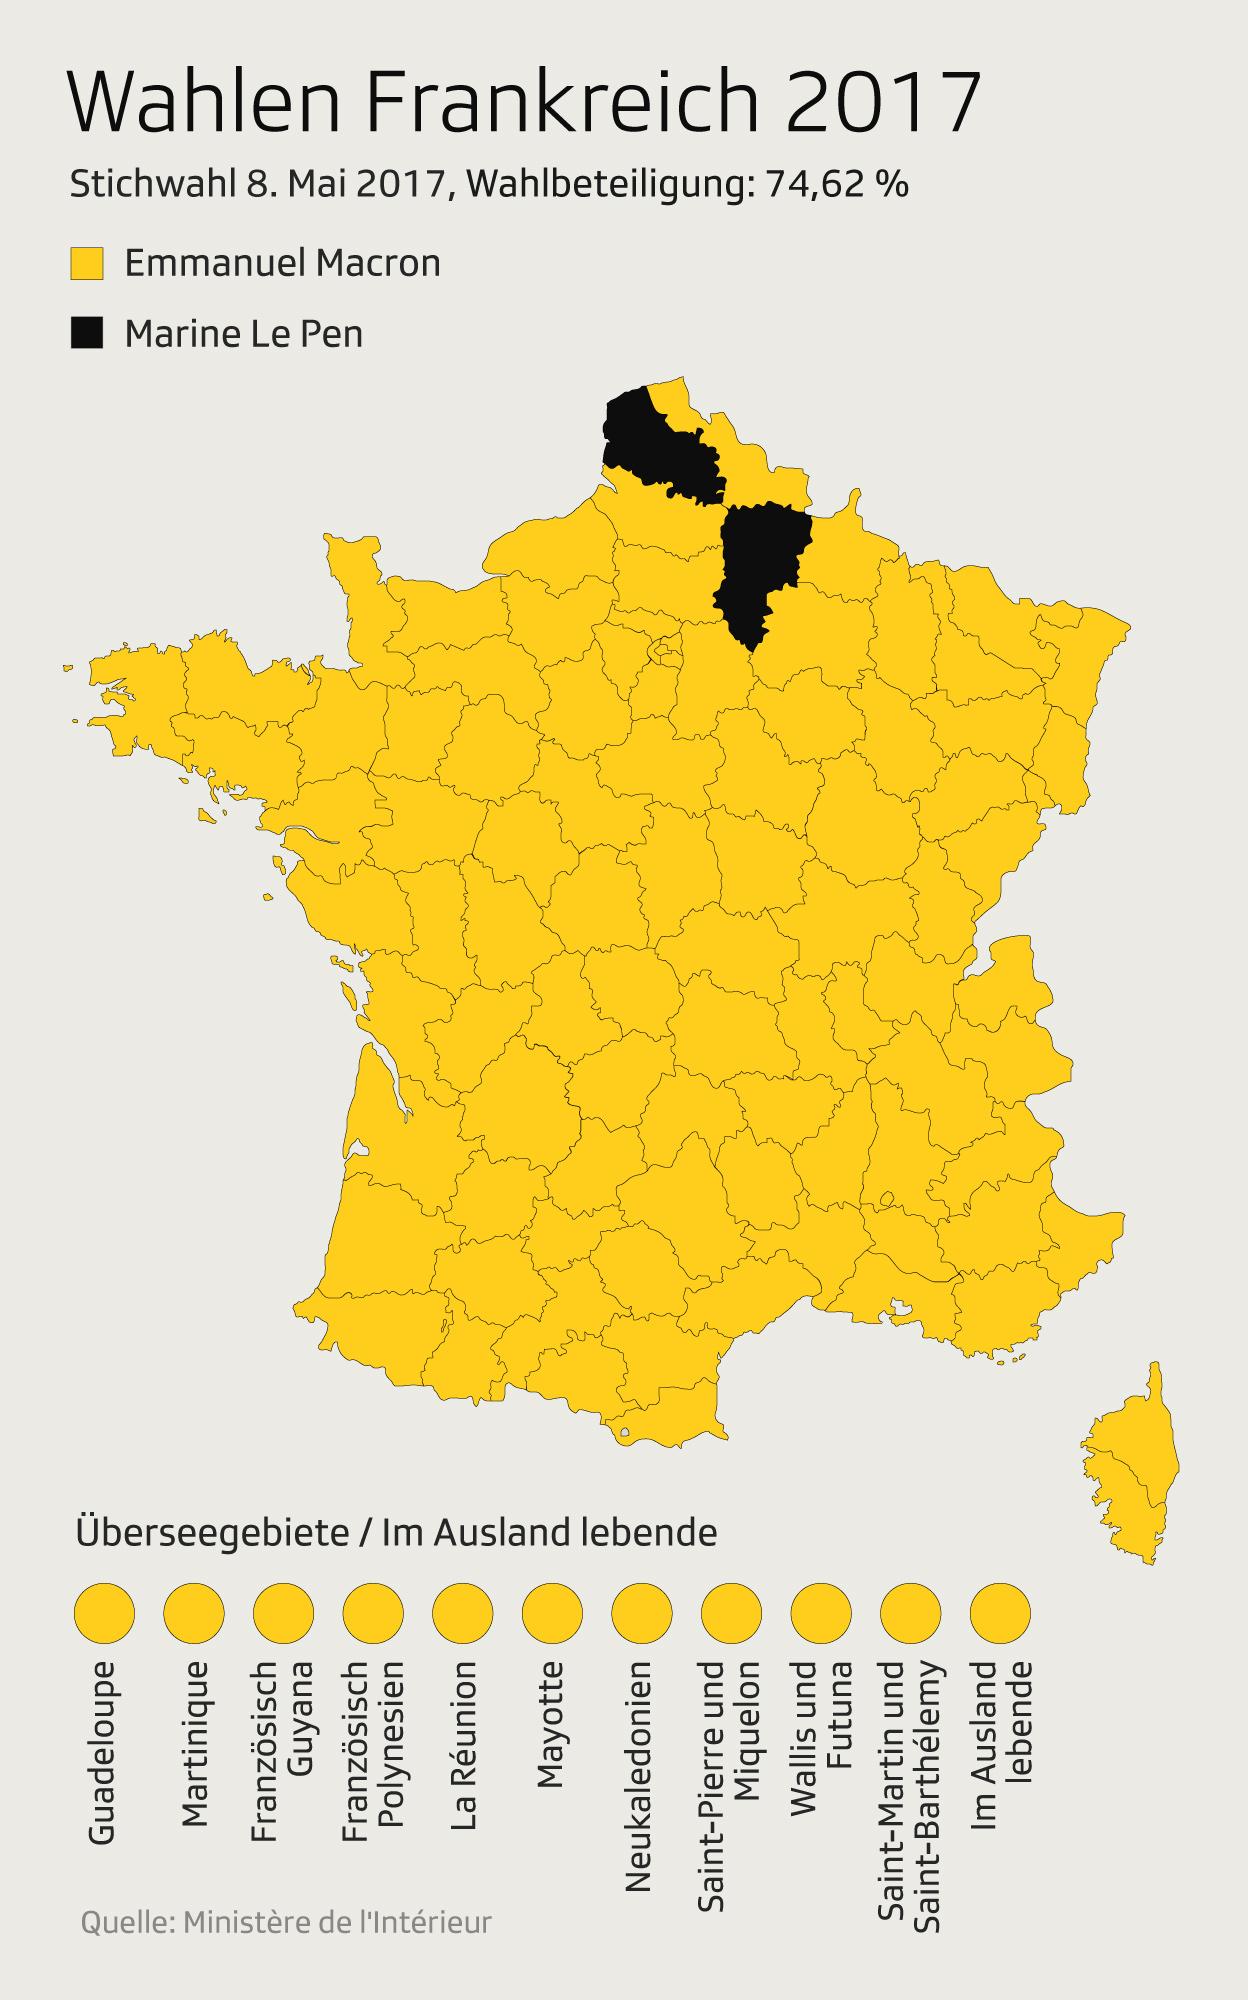 Resultat der Stichwahl in Frankreich im Detail